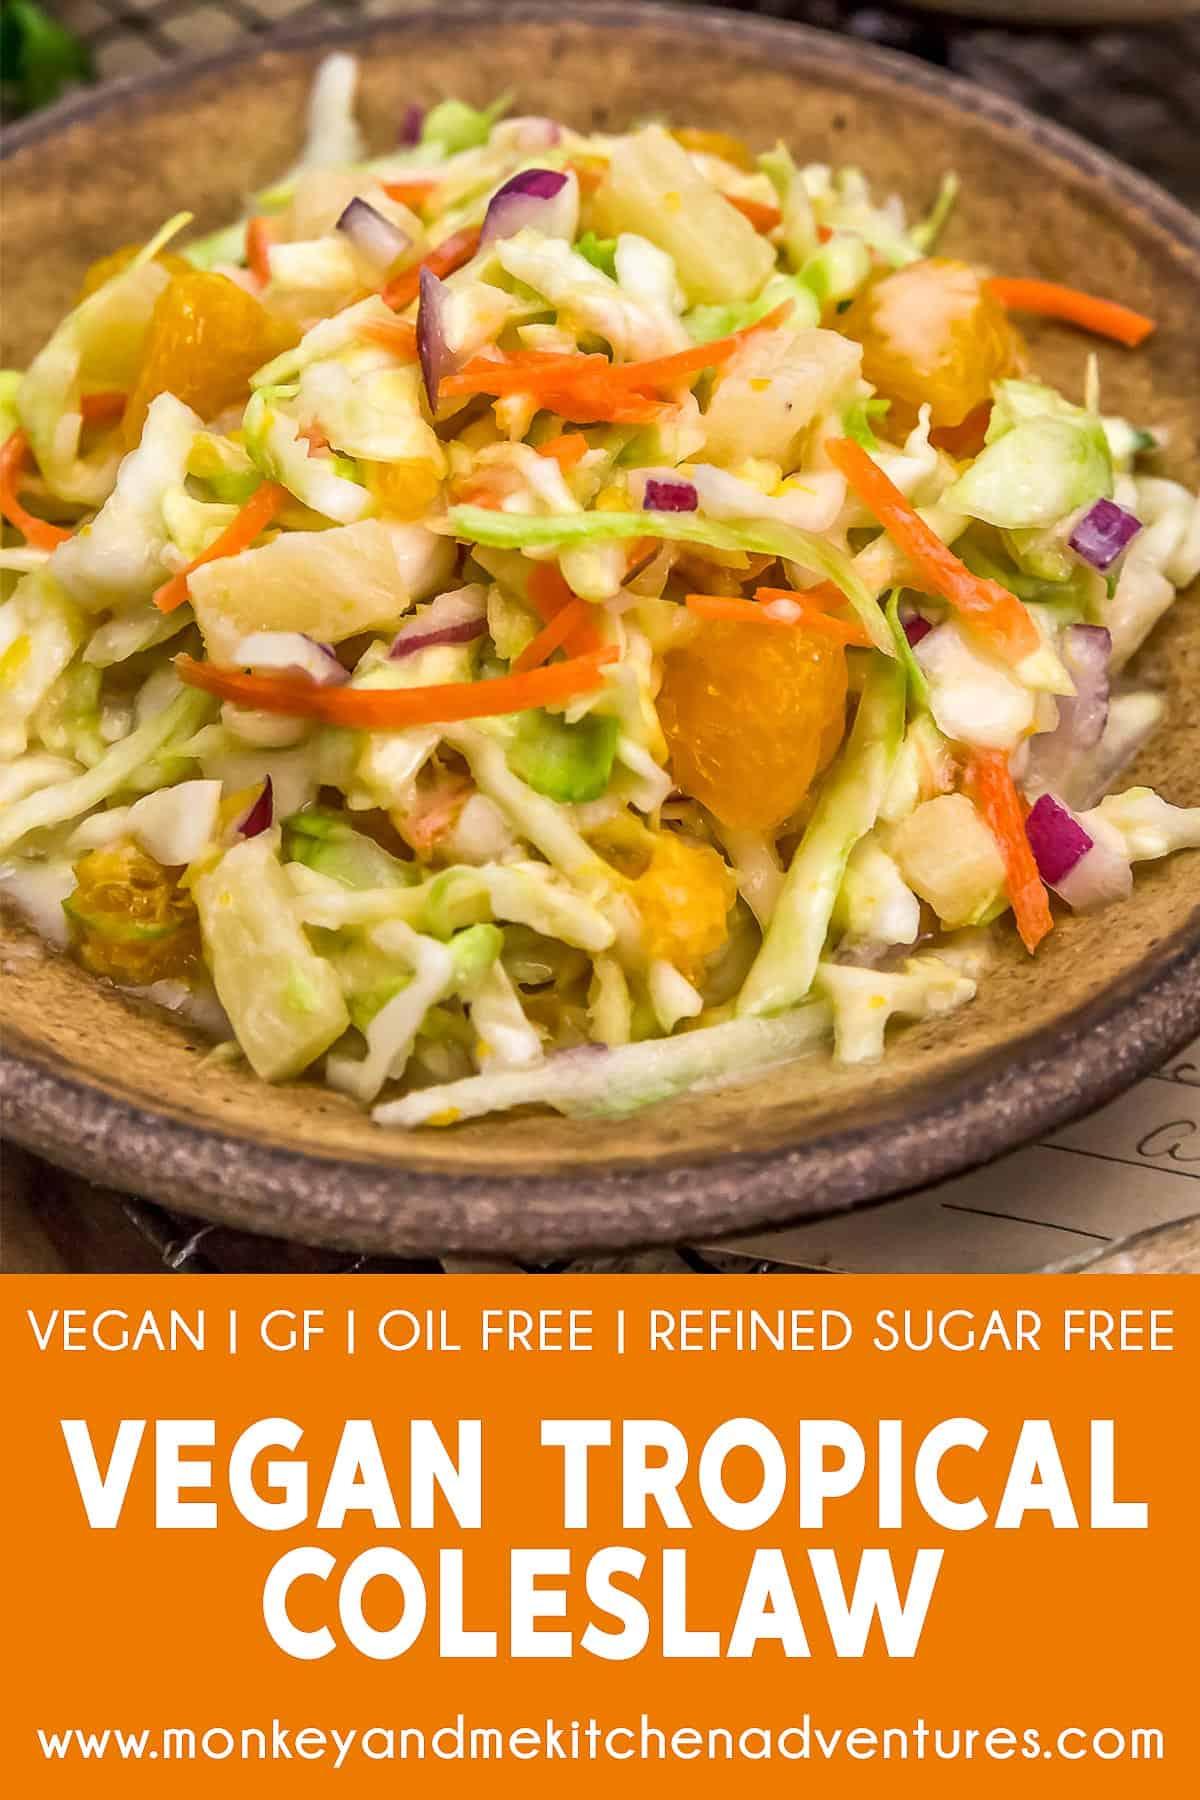 Vegan Tropical Coleslaw with text description